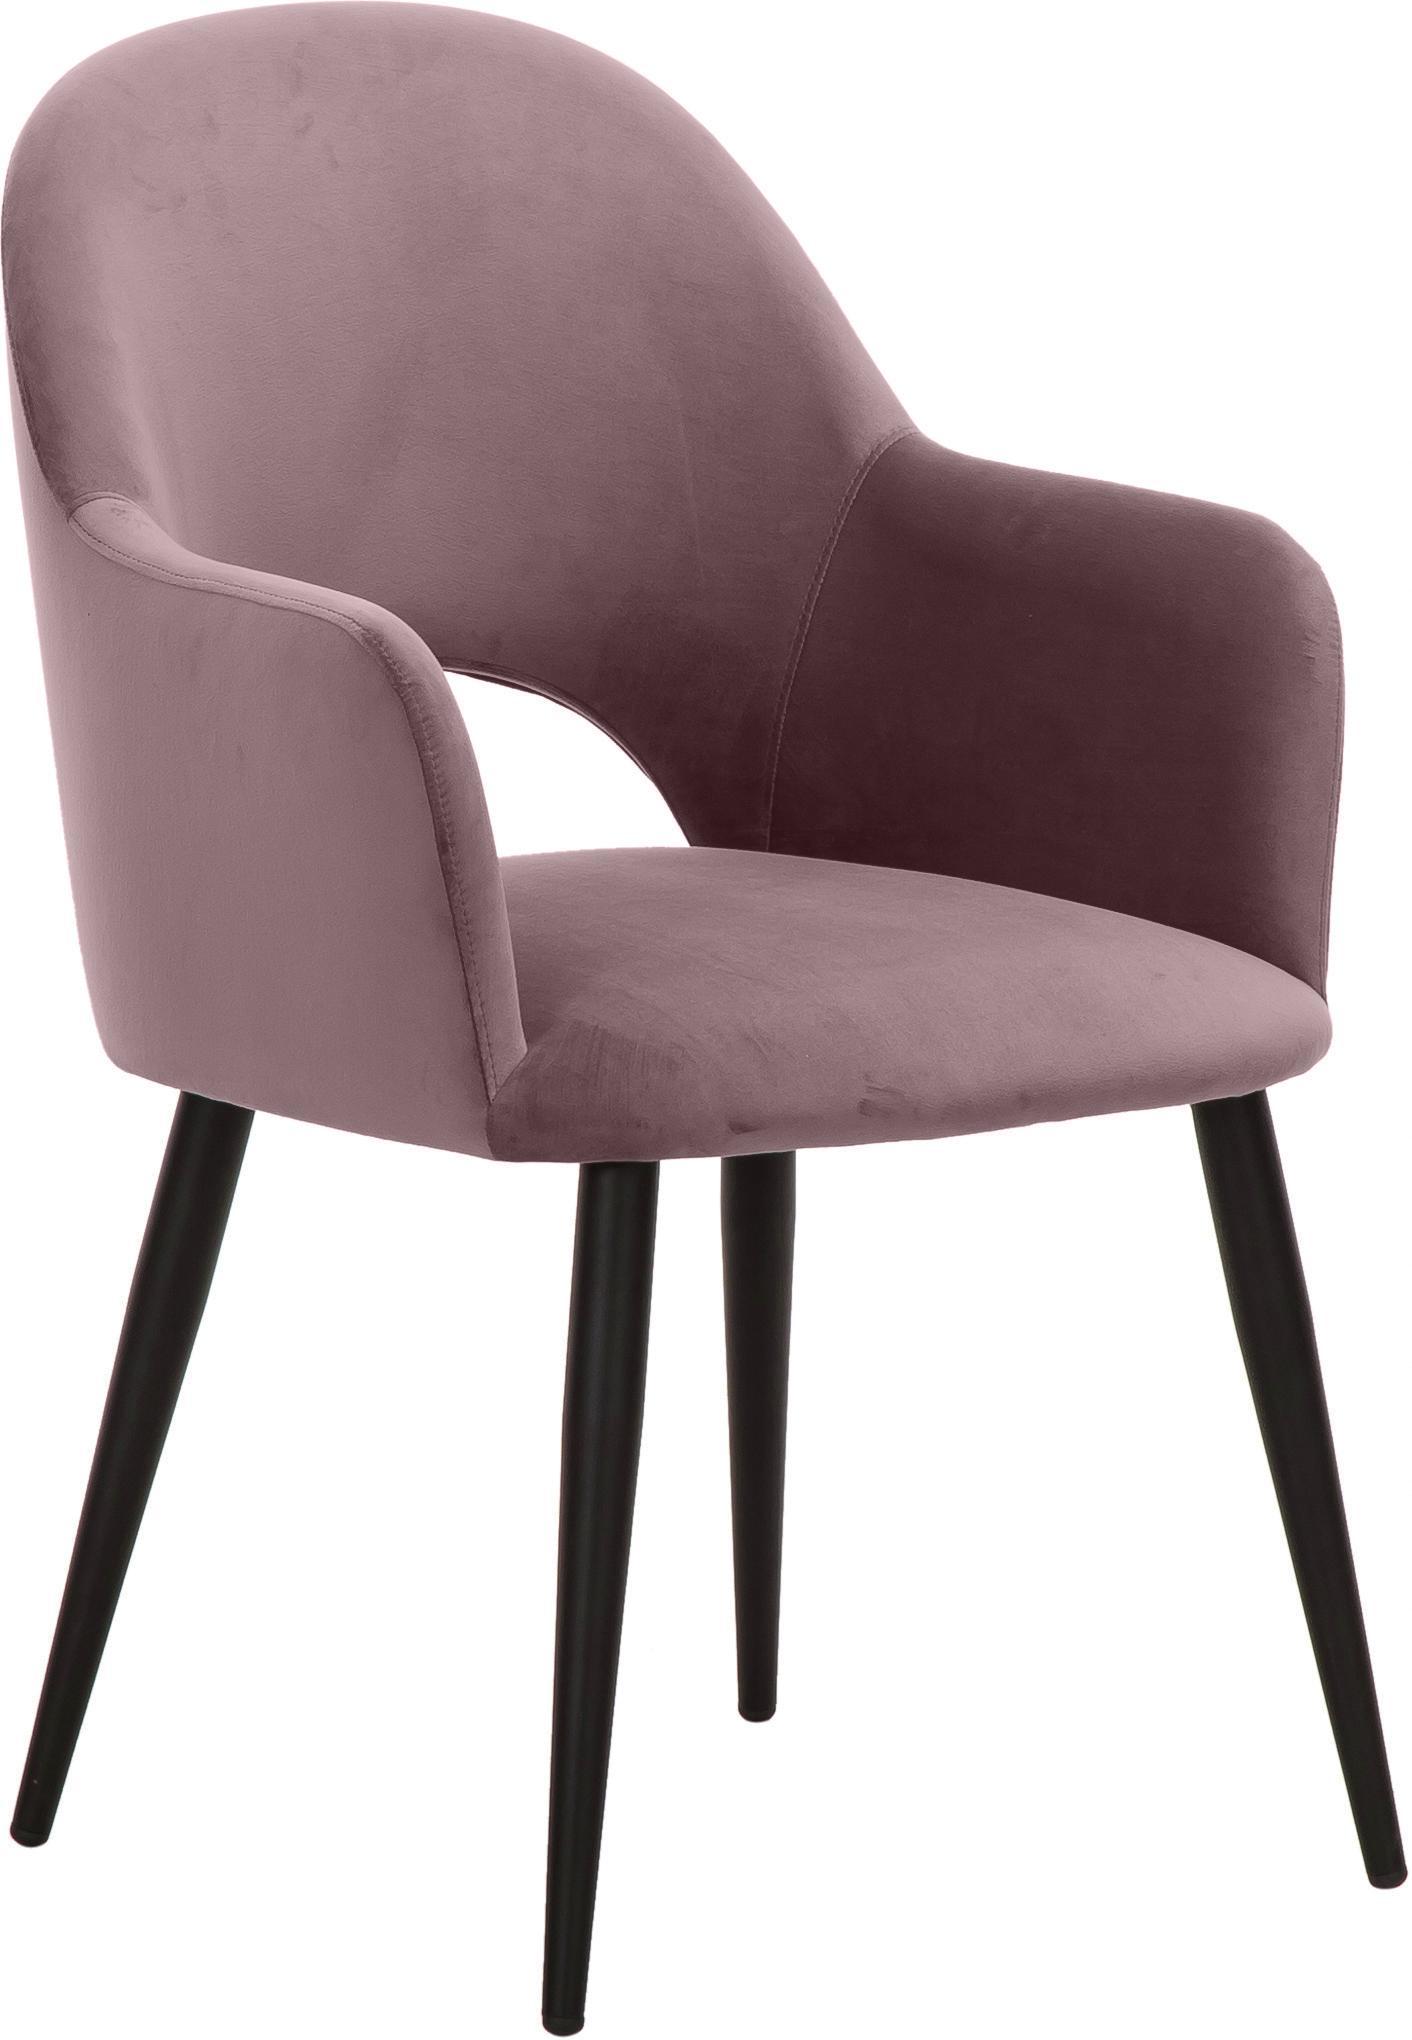 Krzesło z podłokietnikami z aksamitu Rachel, Tapicerka: aksamit (poliester) 5000, Nogi: metal malowany proszkowo, Aksamitny mauve, S 47 x G 64 cm